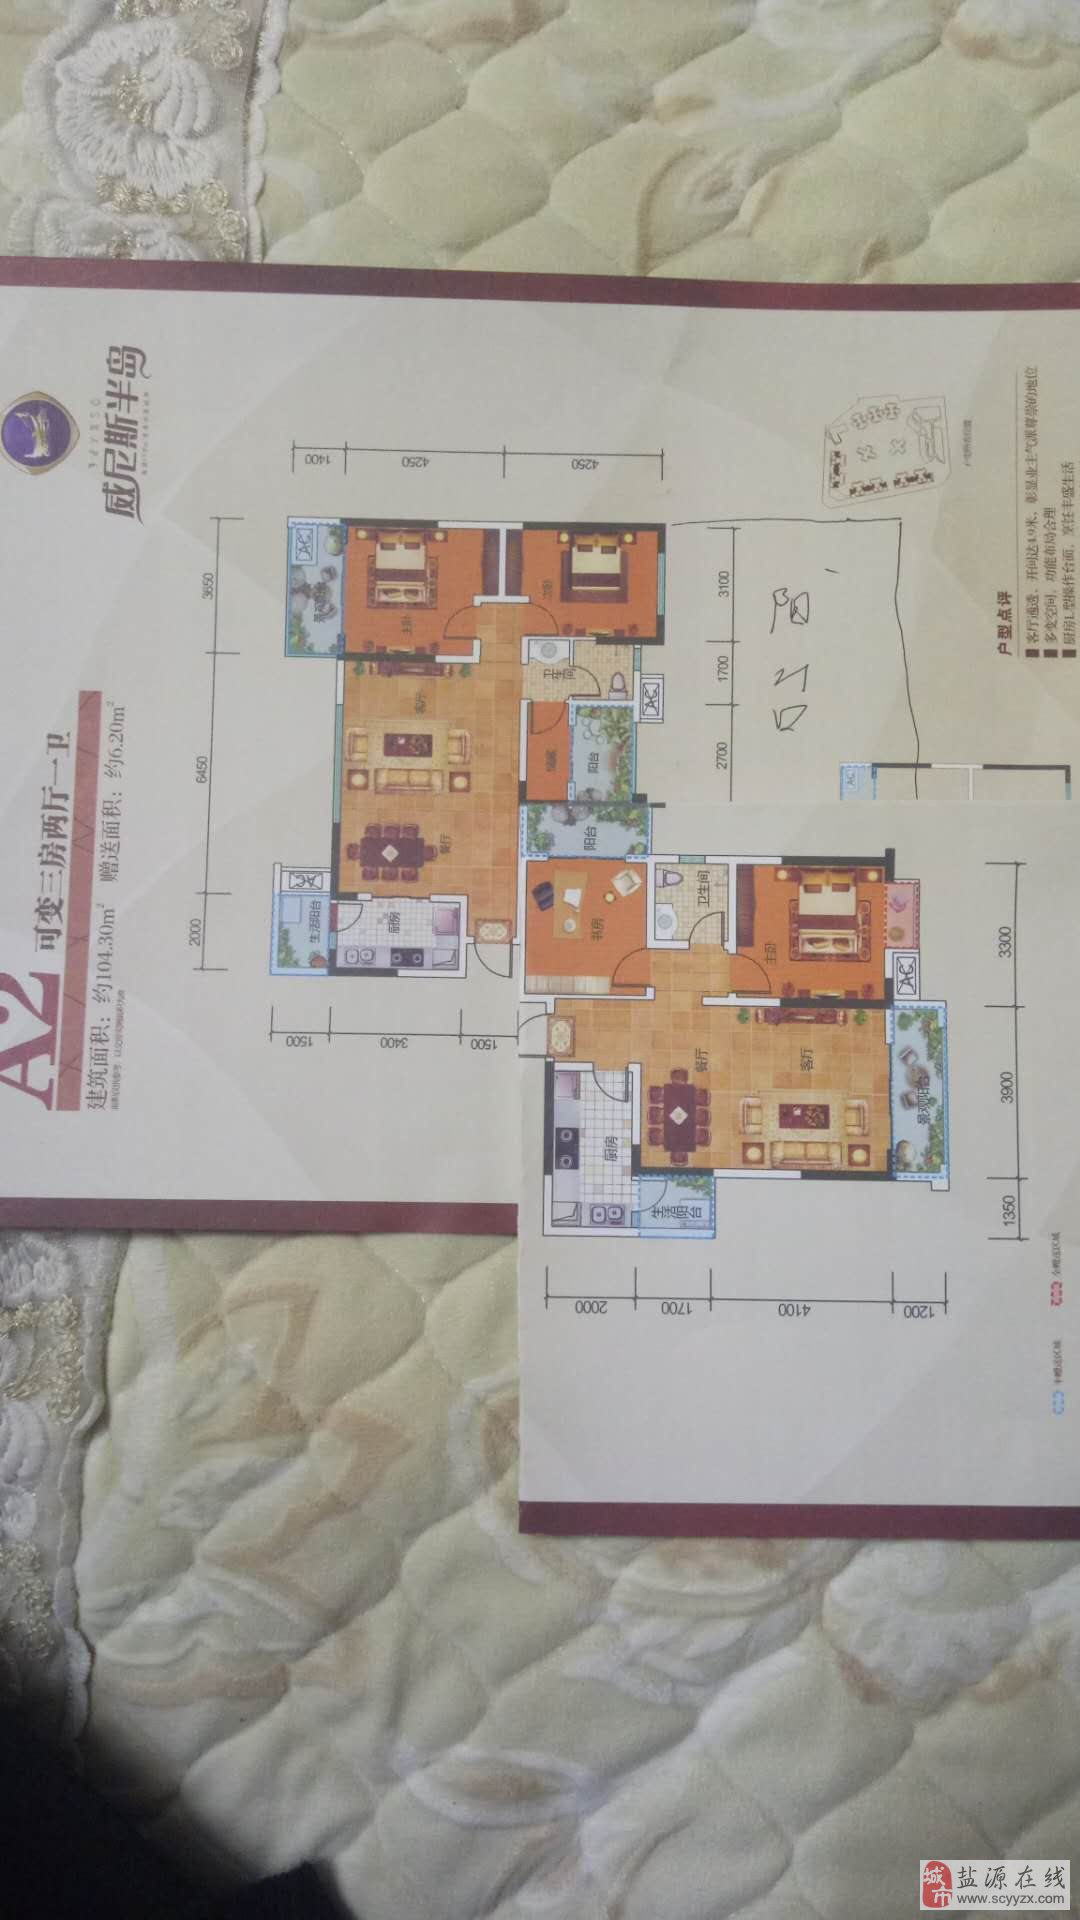 盐源县威尼斯半岛1号楼一期现房出售